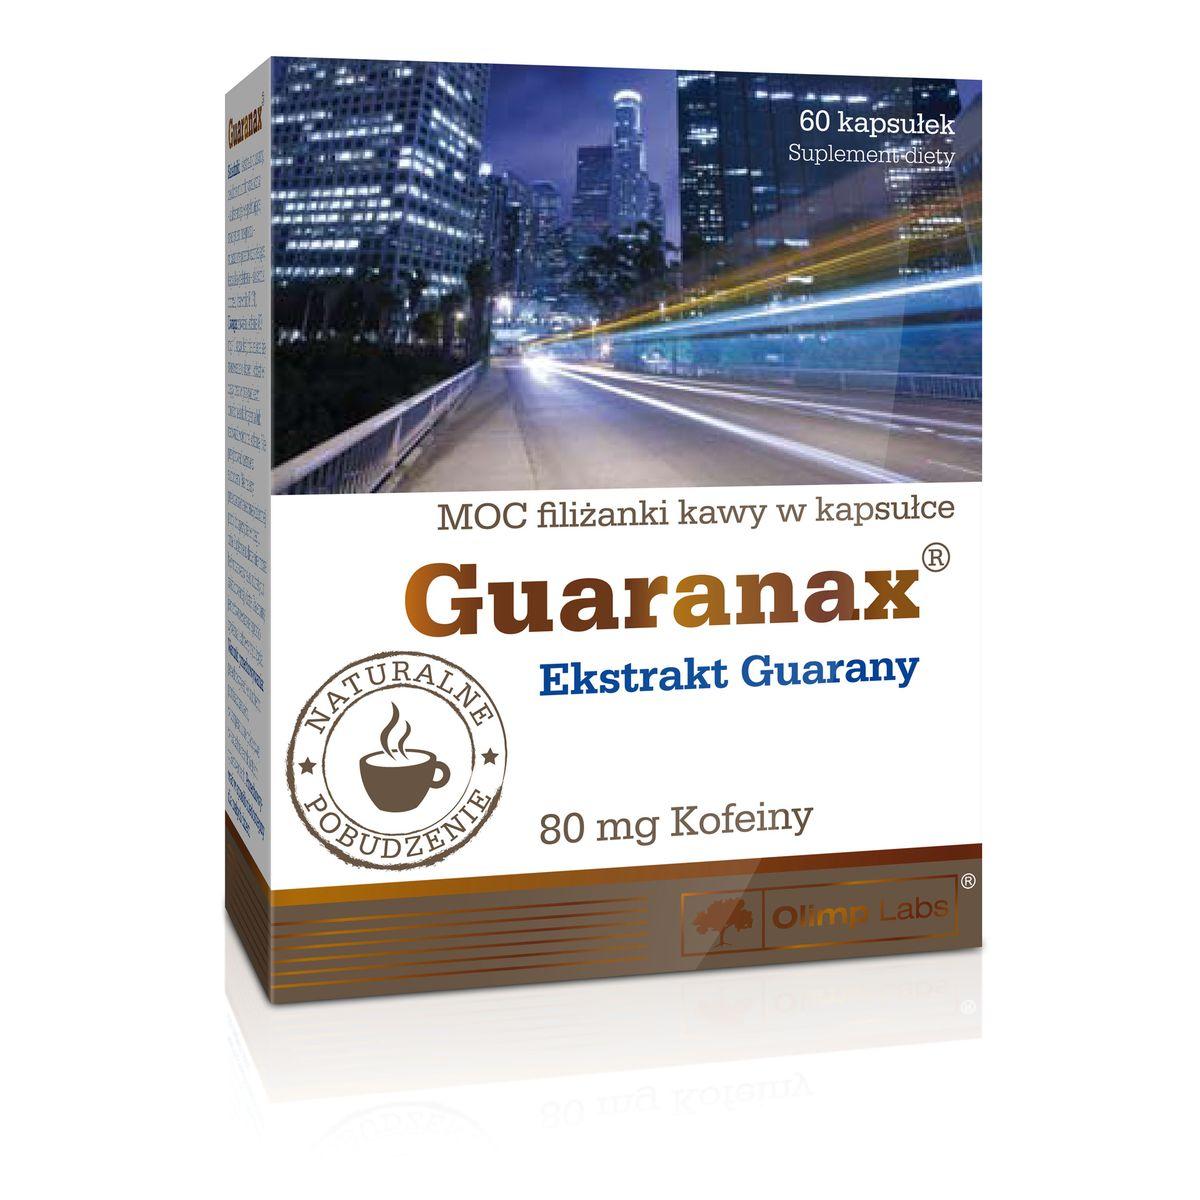 Энергетик Olimp Sport Nutrition Guaranax, 60 капсулO14345Olimp Sport Nutrition Guaranax – это универсальный энергетик, содержащий кофеин, полученный из экстракта гуараны. Гуарана – растение, произрастающее в Бразилии и Уругвае, его плоды, напоминающие орех фундук, содержат до 6% кофеина. Кофеин является подходящим большинству людей эффективным стимулятором, который увеличивает концентрацию, внимание и инициативность – со стороны ЦНС, а также физическую активность и силовые показатели.Olimp Sport Nutrition Guaranax рекомендуется людям, которые выполняют ответственную работу в ночное время суток (например, вождение автотранспорта) или просто хотят взбодриться. Перед тренировкой энергетик поможет эффективнее тренироваться и повысит силовые показатели (особенно в комбинации с креатином). В отличии от многих энергетиков, Olimp Sport Nutrition Guaranax удобен в подборе подходящей дозировки, 1 капсула содержит небольшое количество кофеина – 80 мг (приблизительно как 1 чашка кофе).Рекомендации по применению: чтобы поддерживать высокую психологическую и физическую активность принимают от 1 до 4 капсул ежедневно, для уменьшения жировой ткани 1 капсулу утром и 1 перед занятиями спортом, но в первой половине дня.Предупреждение: не принимать более 4 капсул в сутки. Не предназначено для приема во время беременности или кормления грудью. Не применять в случае сердечно-сосудистых заболеваний, при повышенной чувствительности к кофеину и при приеме алкоголя!Состав: экстракт гуараны, микрокристаллическяа целлюлоза, магния стеарат, желатин.Товар сертифицирован.